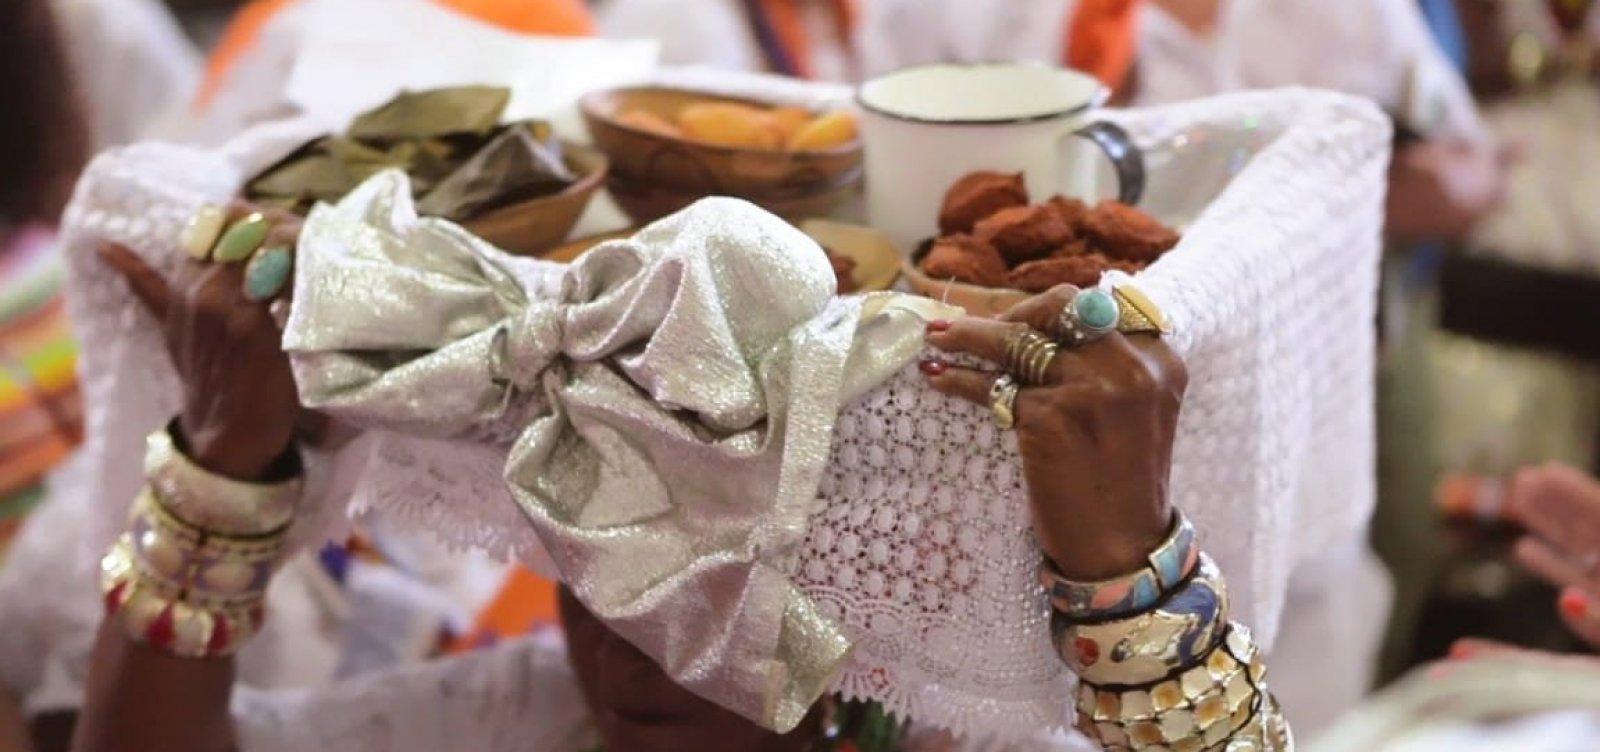 [Documentário aborda intolerância religiosa e revela polêmica sobre o acarajé]